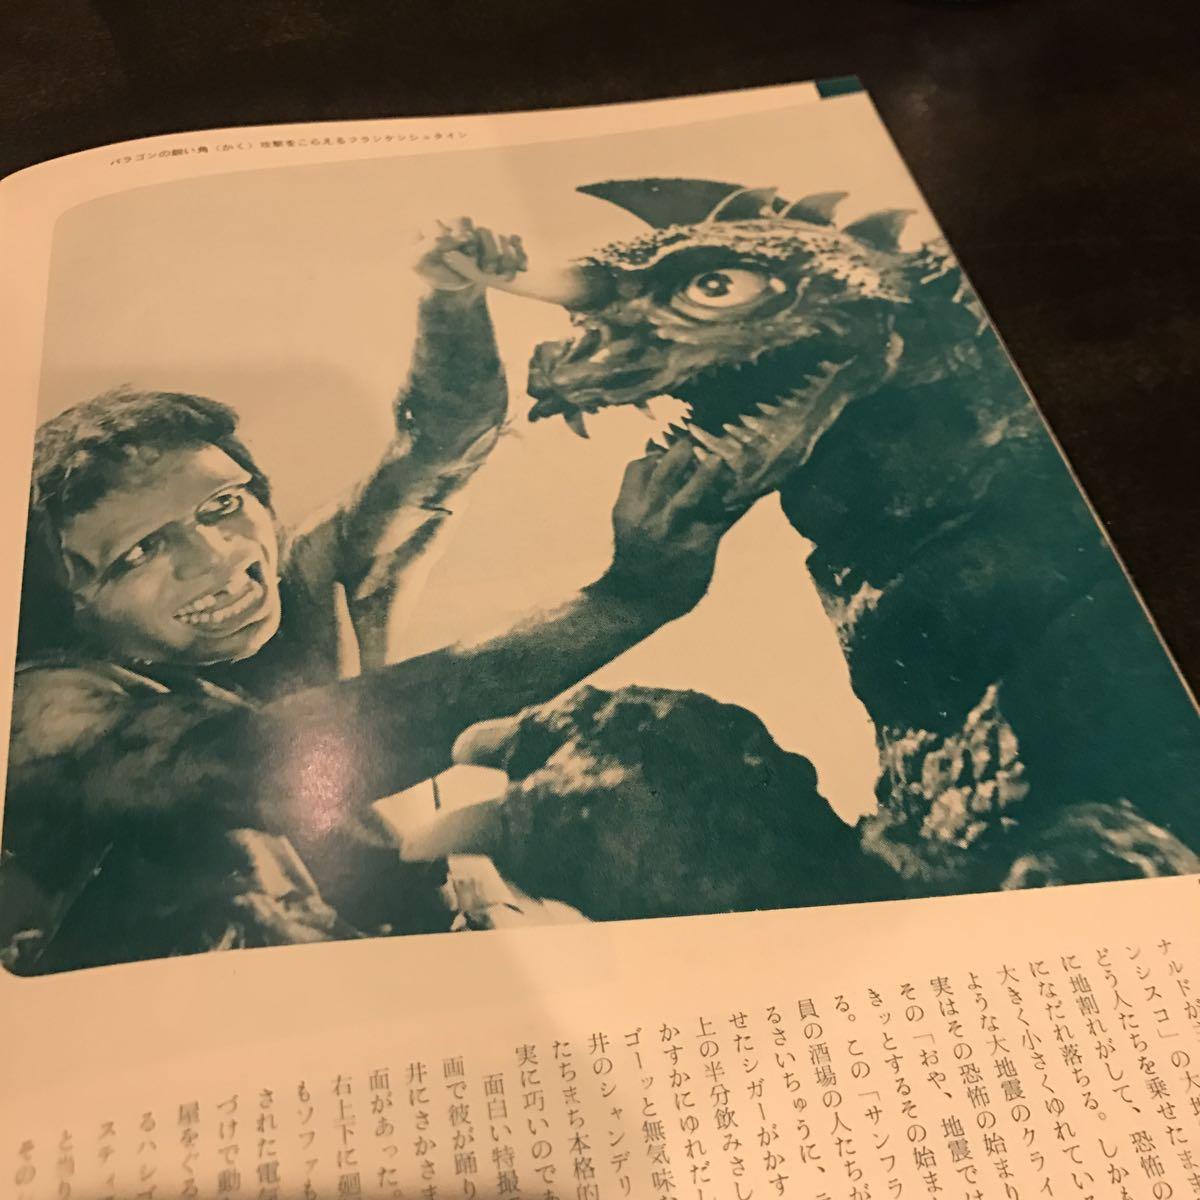 フランケンシュタイン対地底怪獣 バラゴン パンフレット 特撮 日本映画 昭和レトロ 美品 レア_画像4